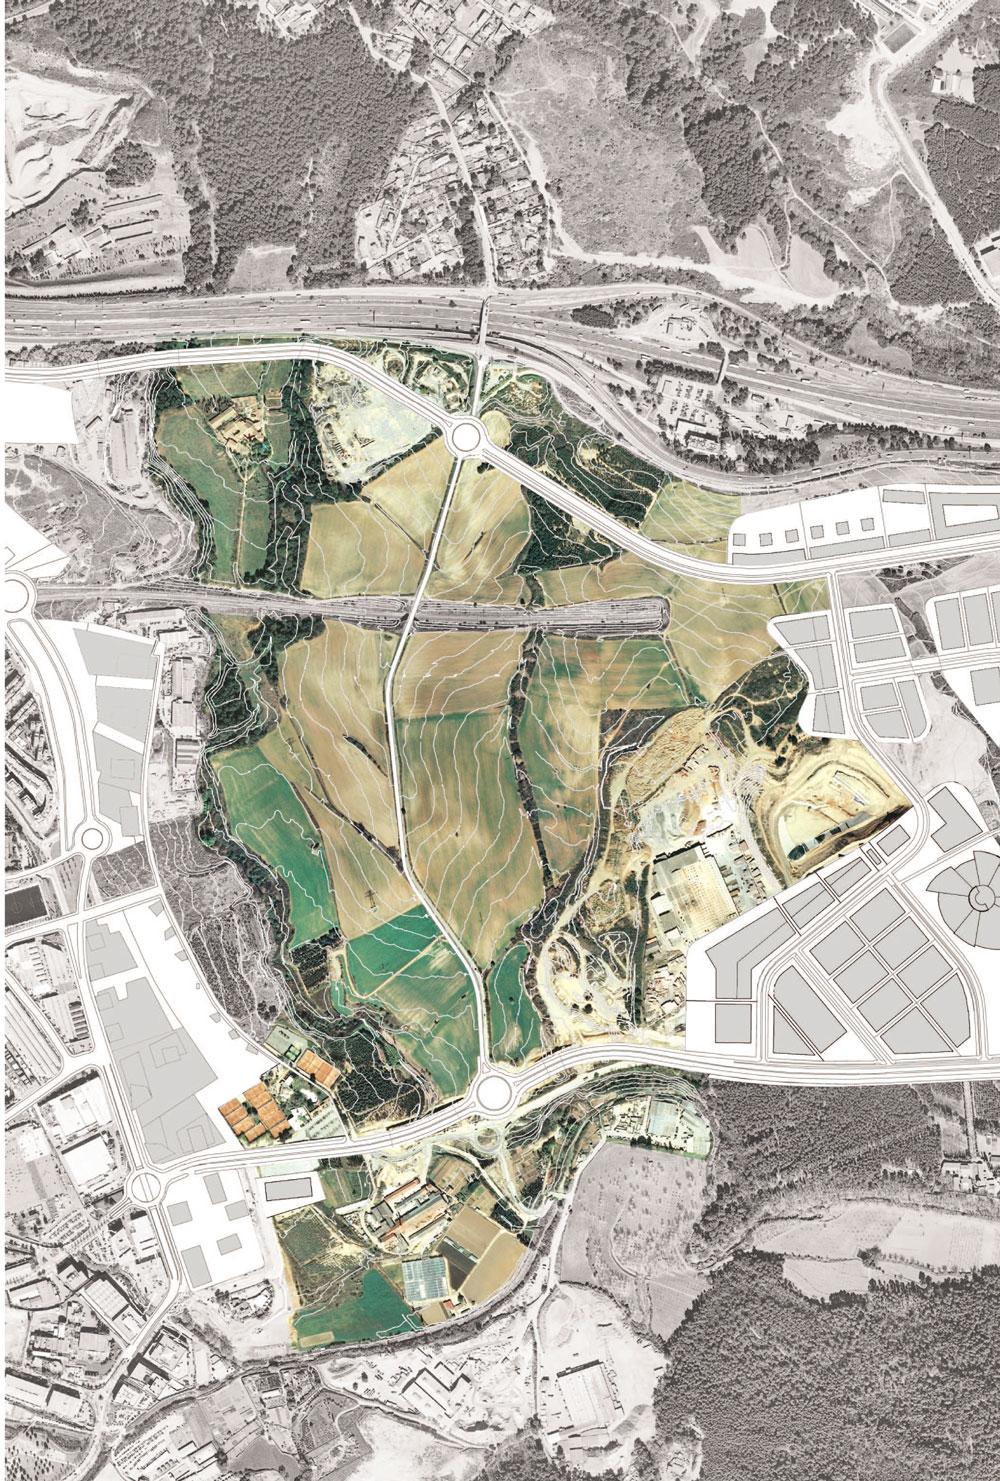 Aménagement d'un parc agricole et écoduc   concours pour l'aménagement d'un parc agricole et d'un écoduc à Cerdanyola (Espagne) avec l'agence de paysage JDVDP.